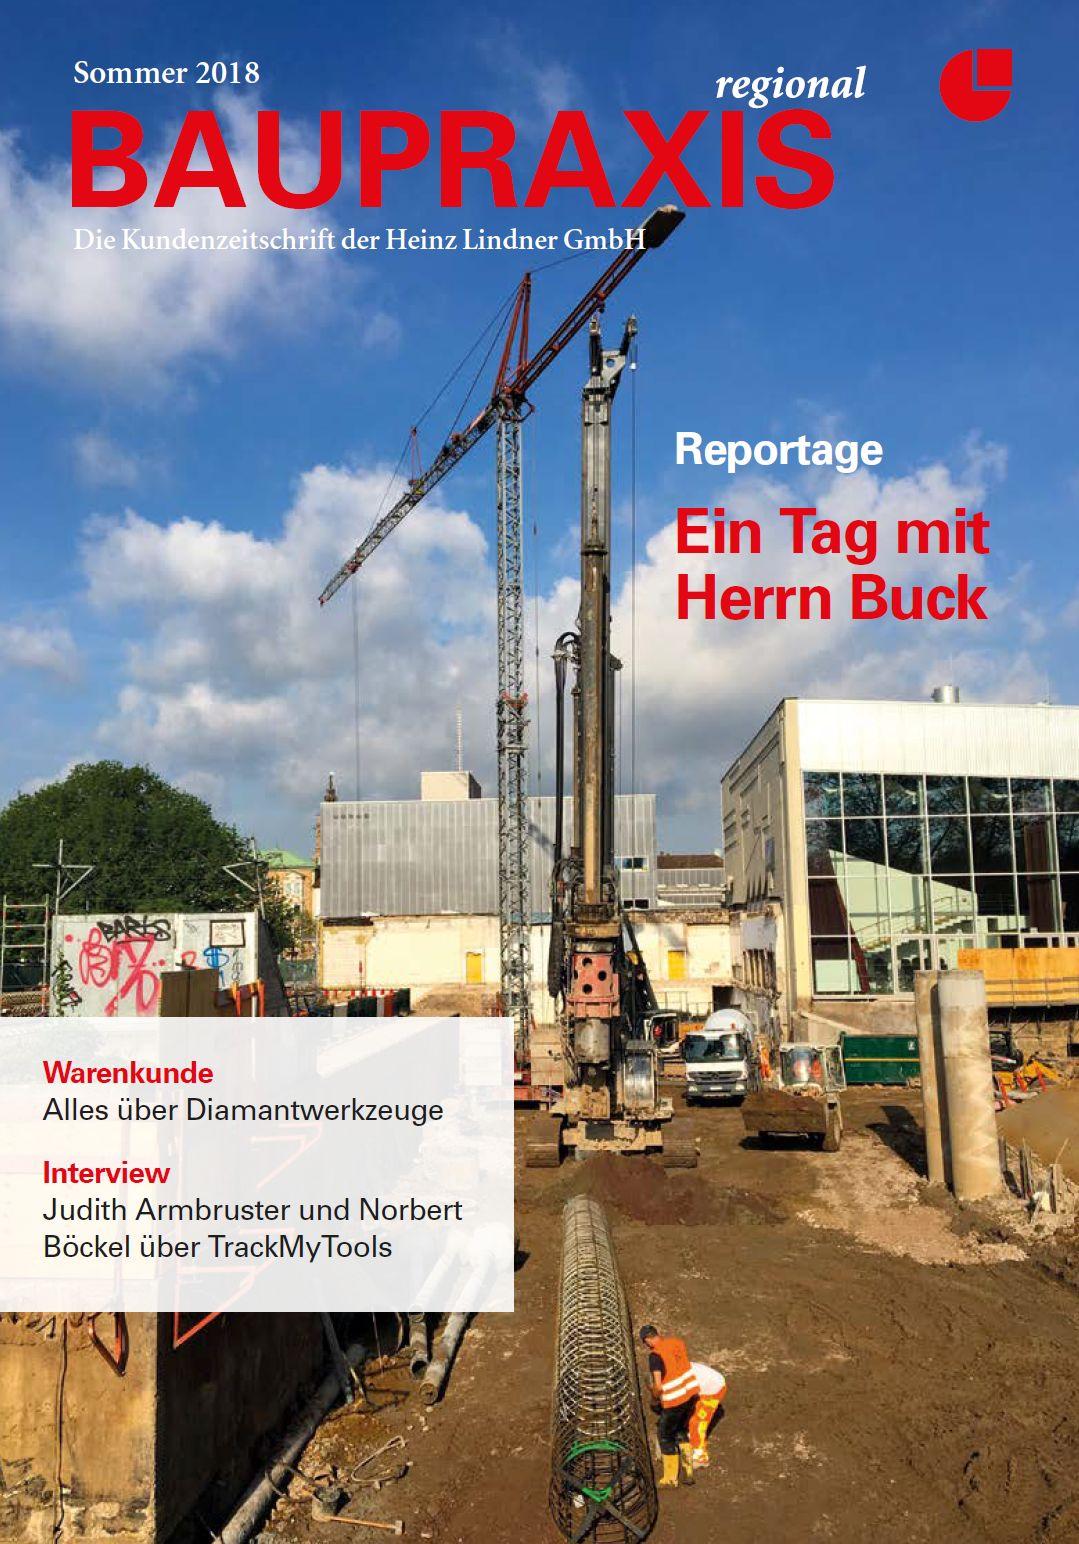 BAUPRAXIS Die Kundenzeitschrift der Heinz Lindner GmbH  – Sommer 2018